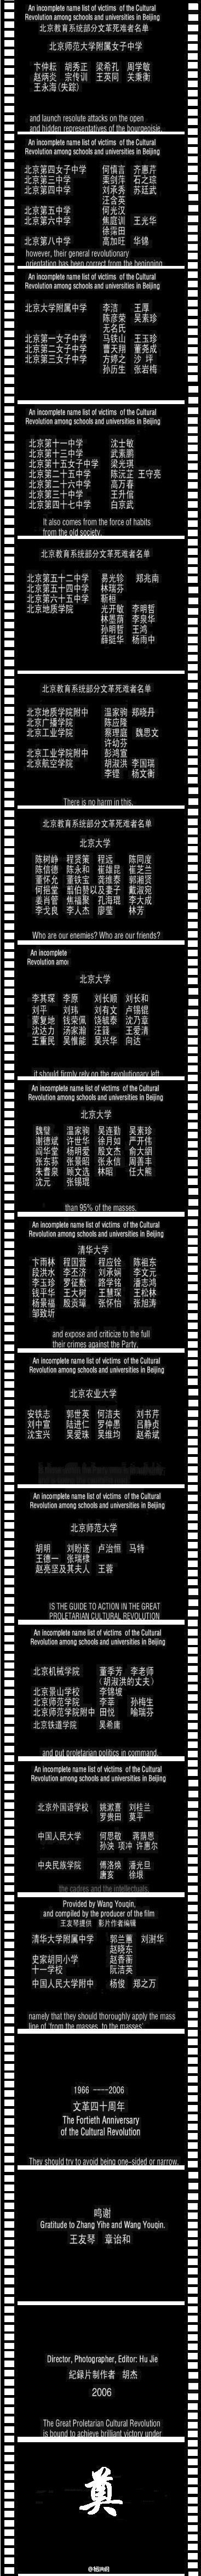 爱思想|王友琴:北京第一个被打死的教师──卞仲耘